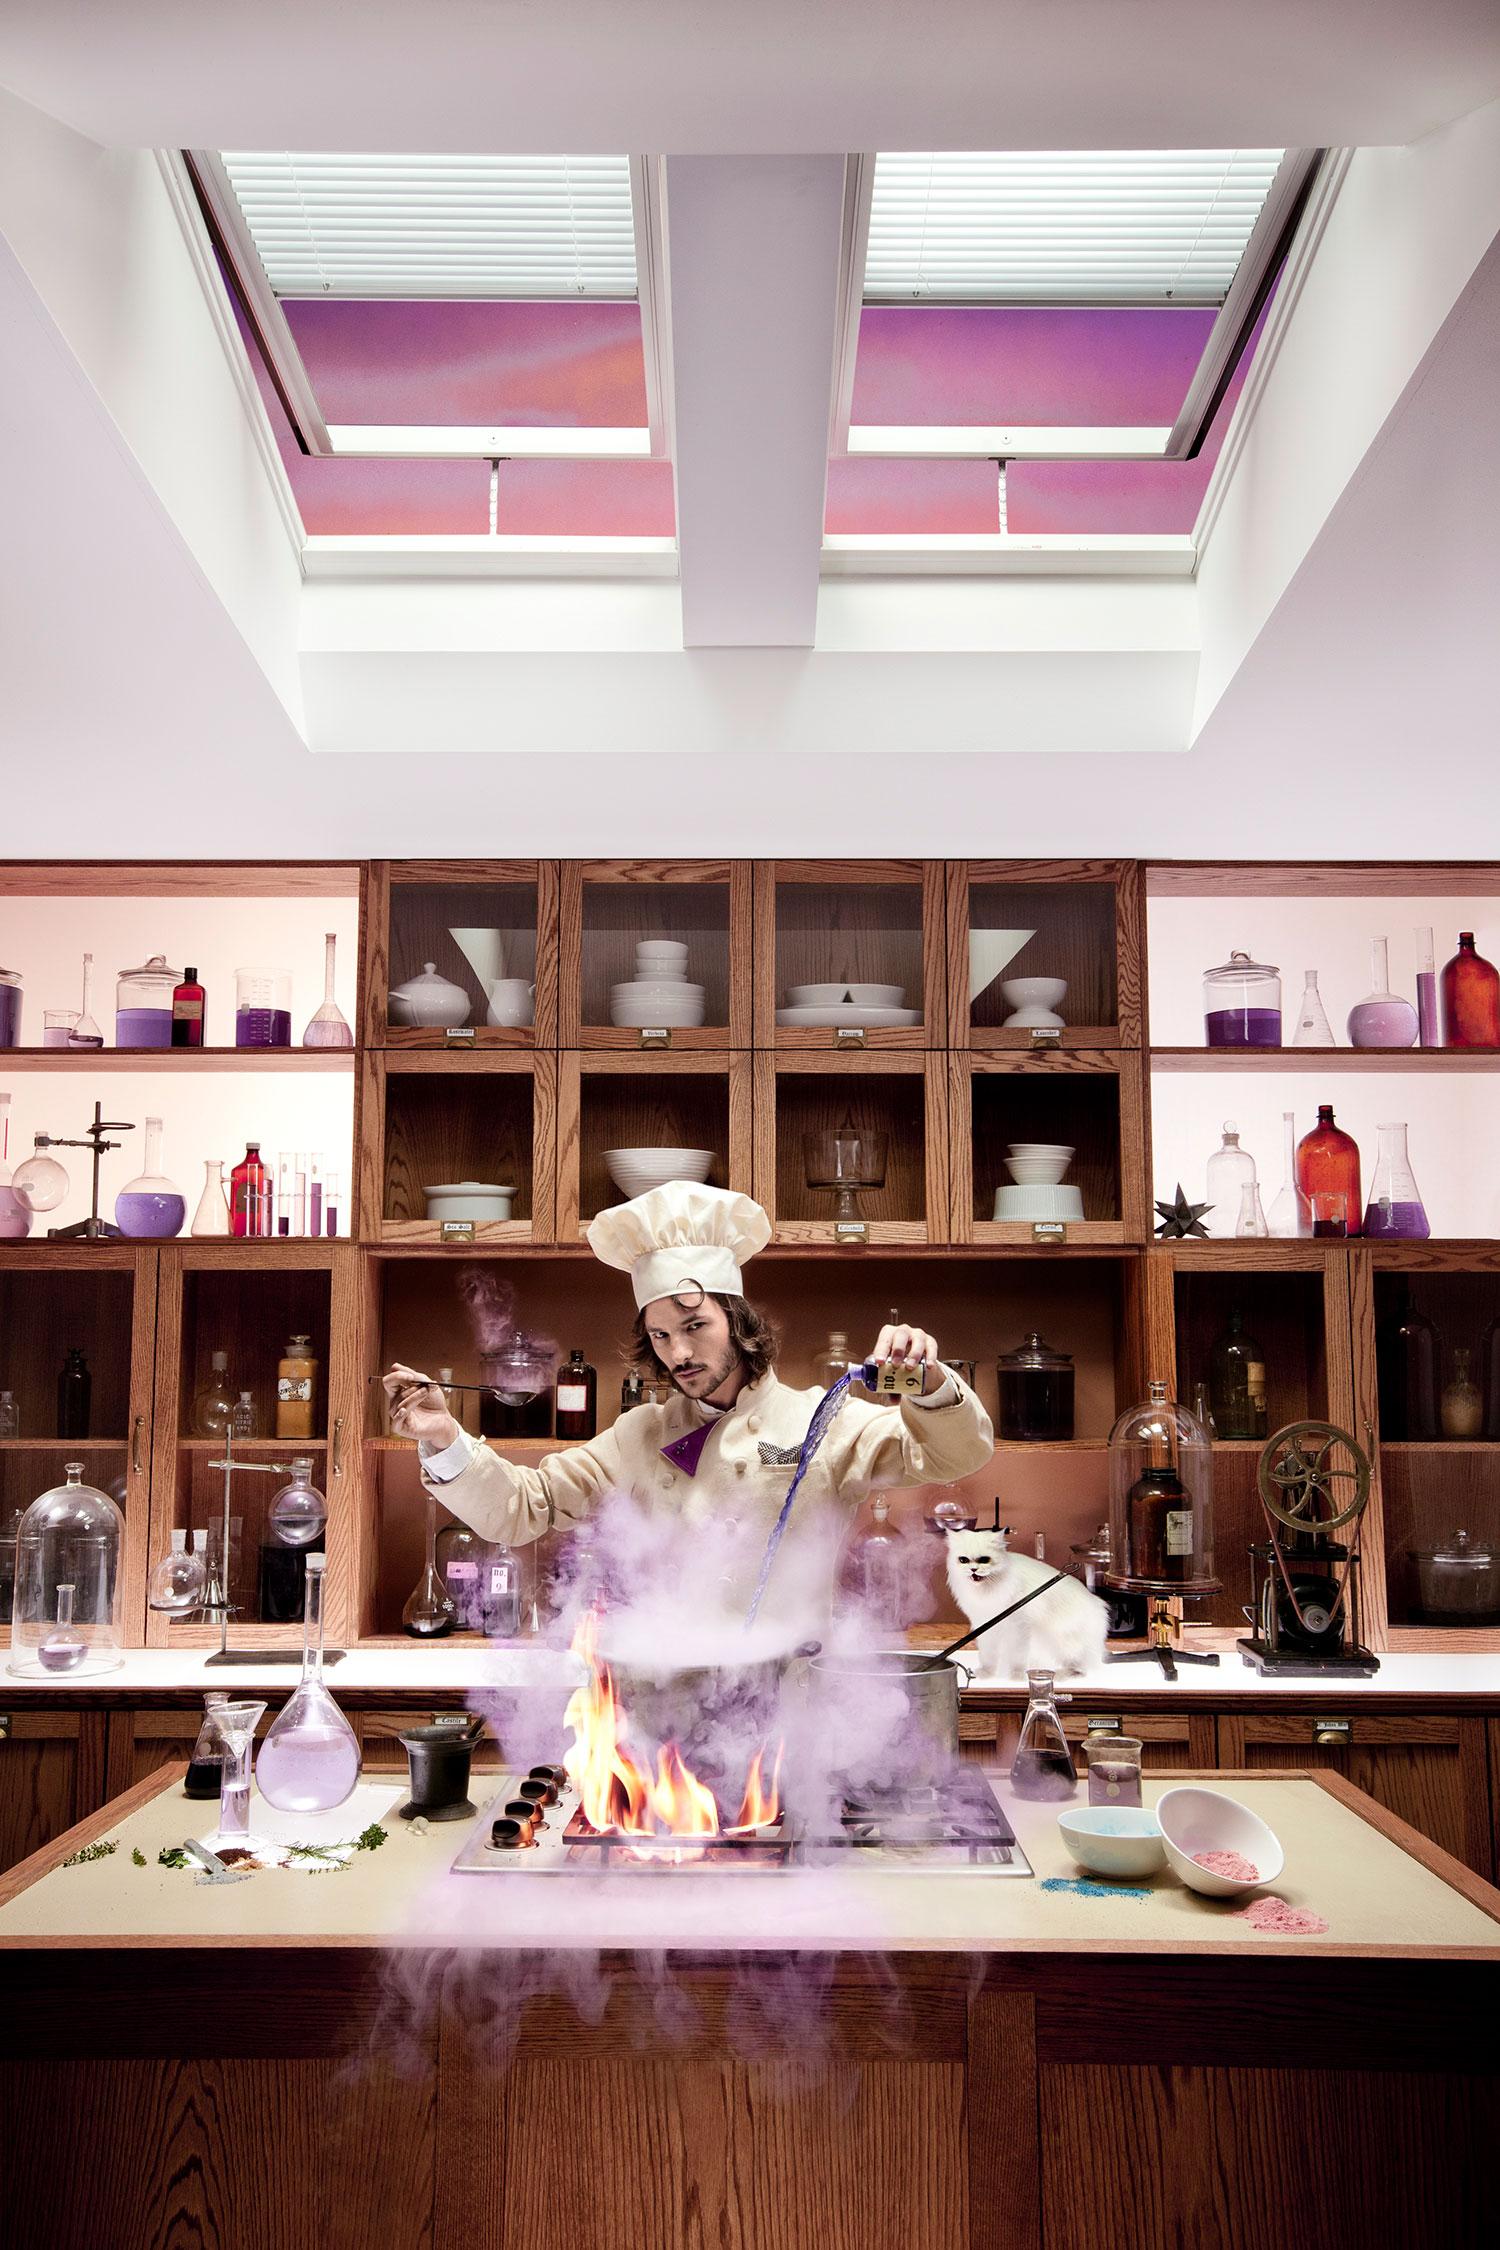 drama_kitchen_v4_flat_cb.jpg